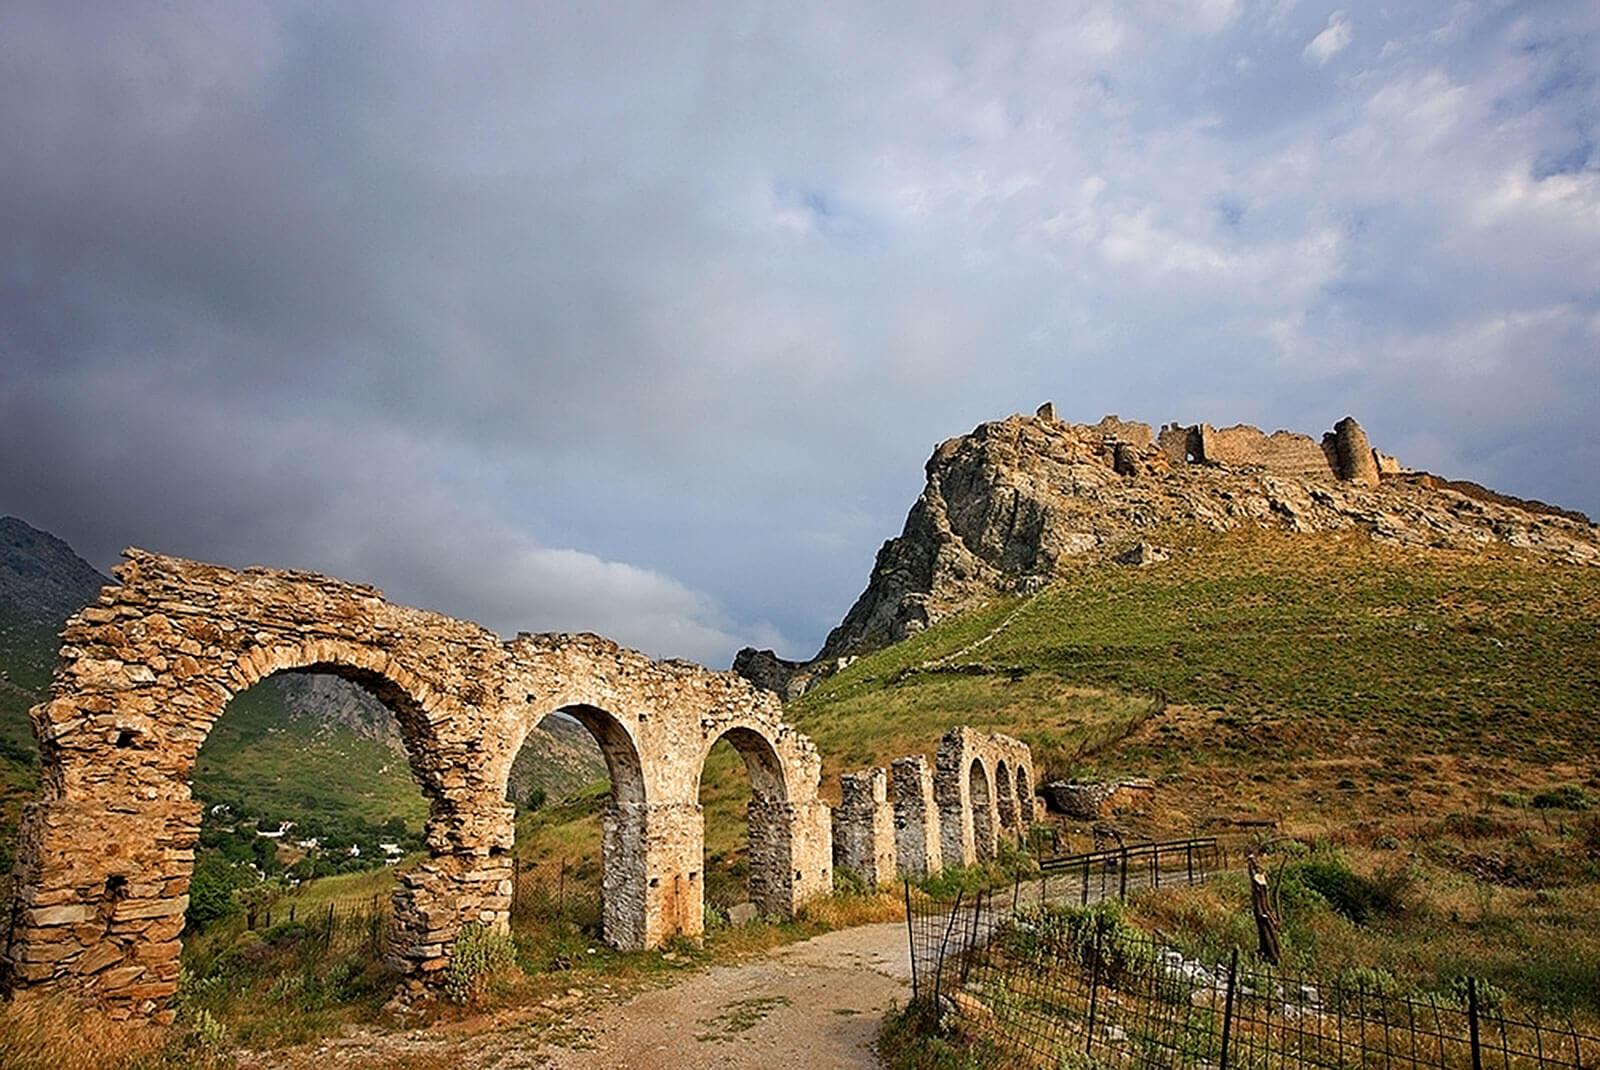 4-Το-αρχαίο-υδραγωγείο-της-Καρύστου,-με-το-Καστέλο-Ρόσσο-στο-βάθος